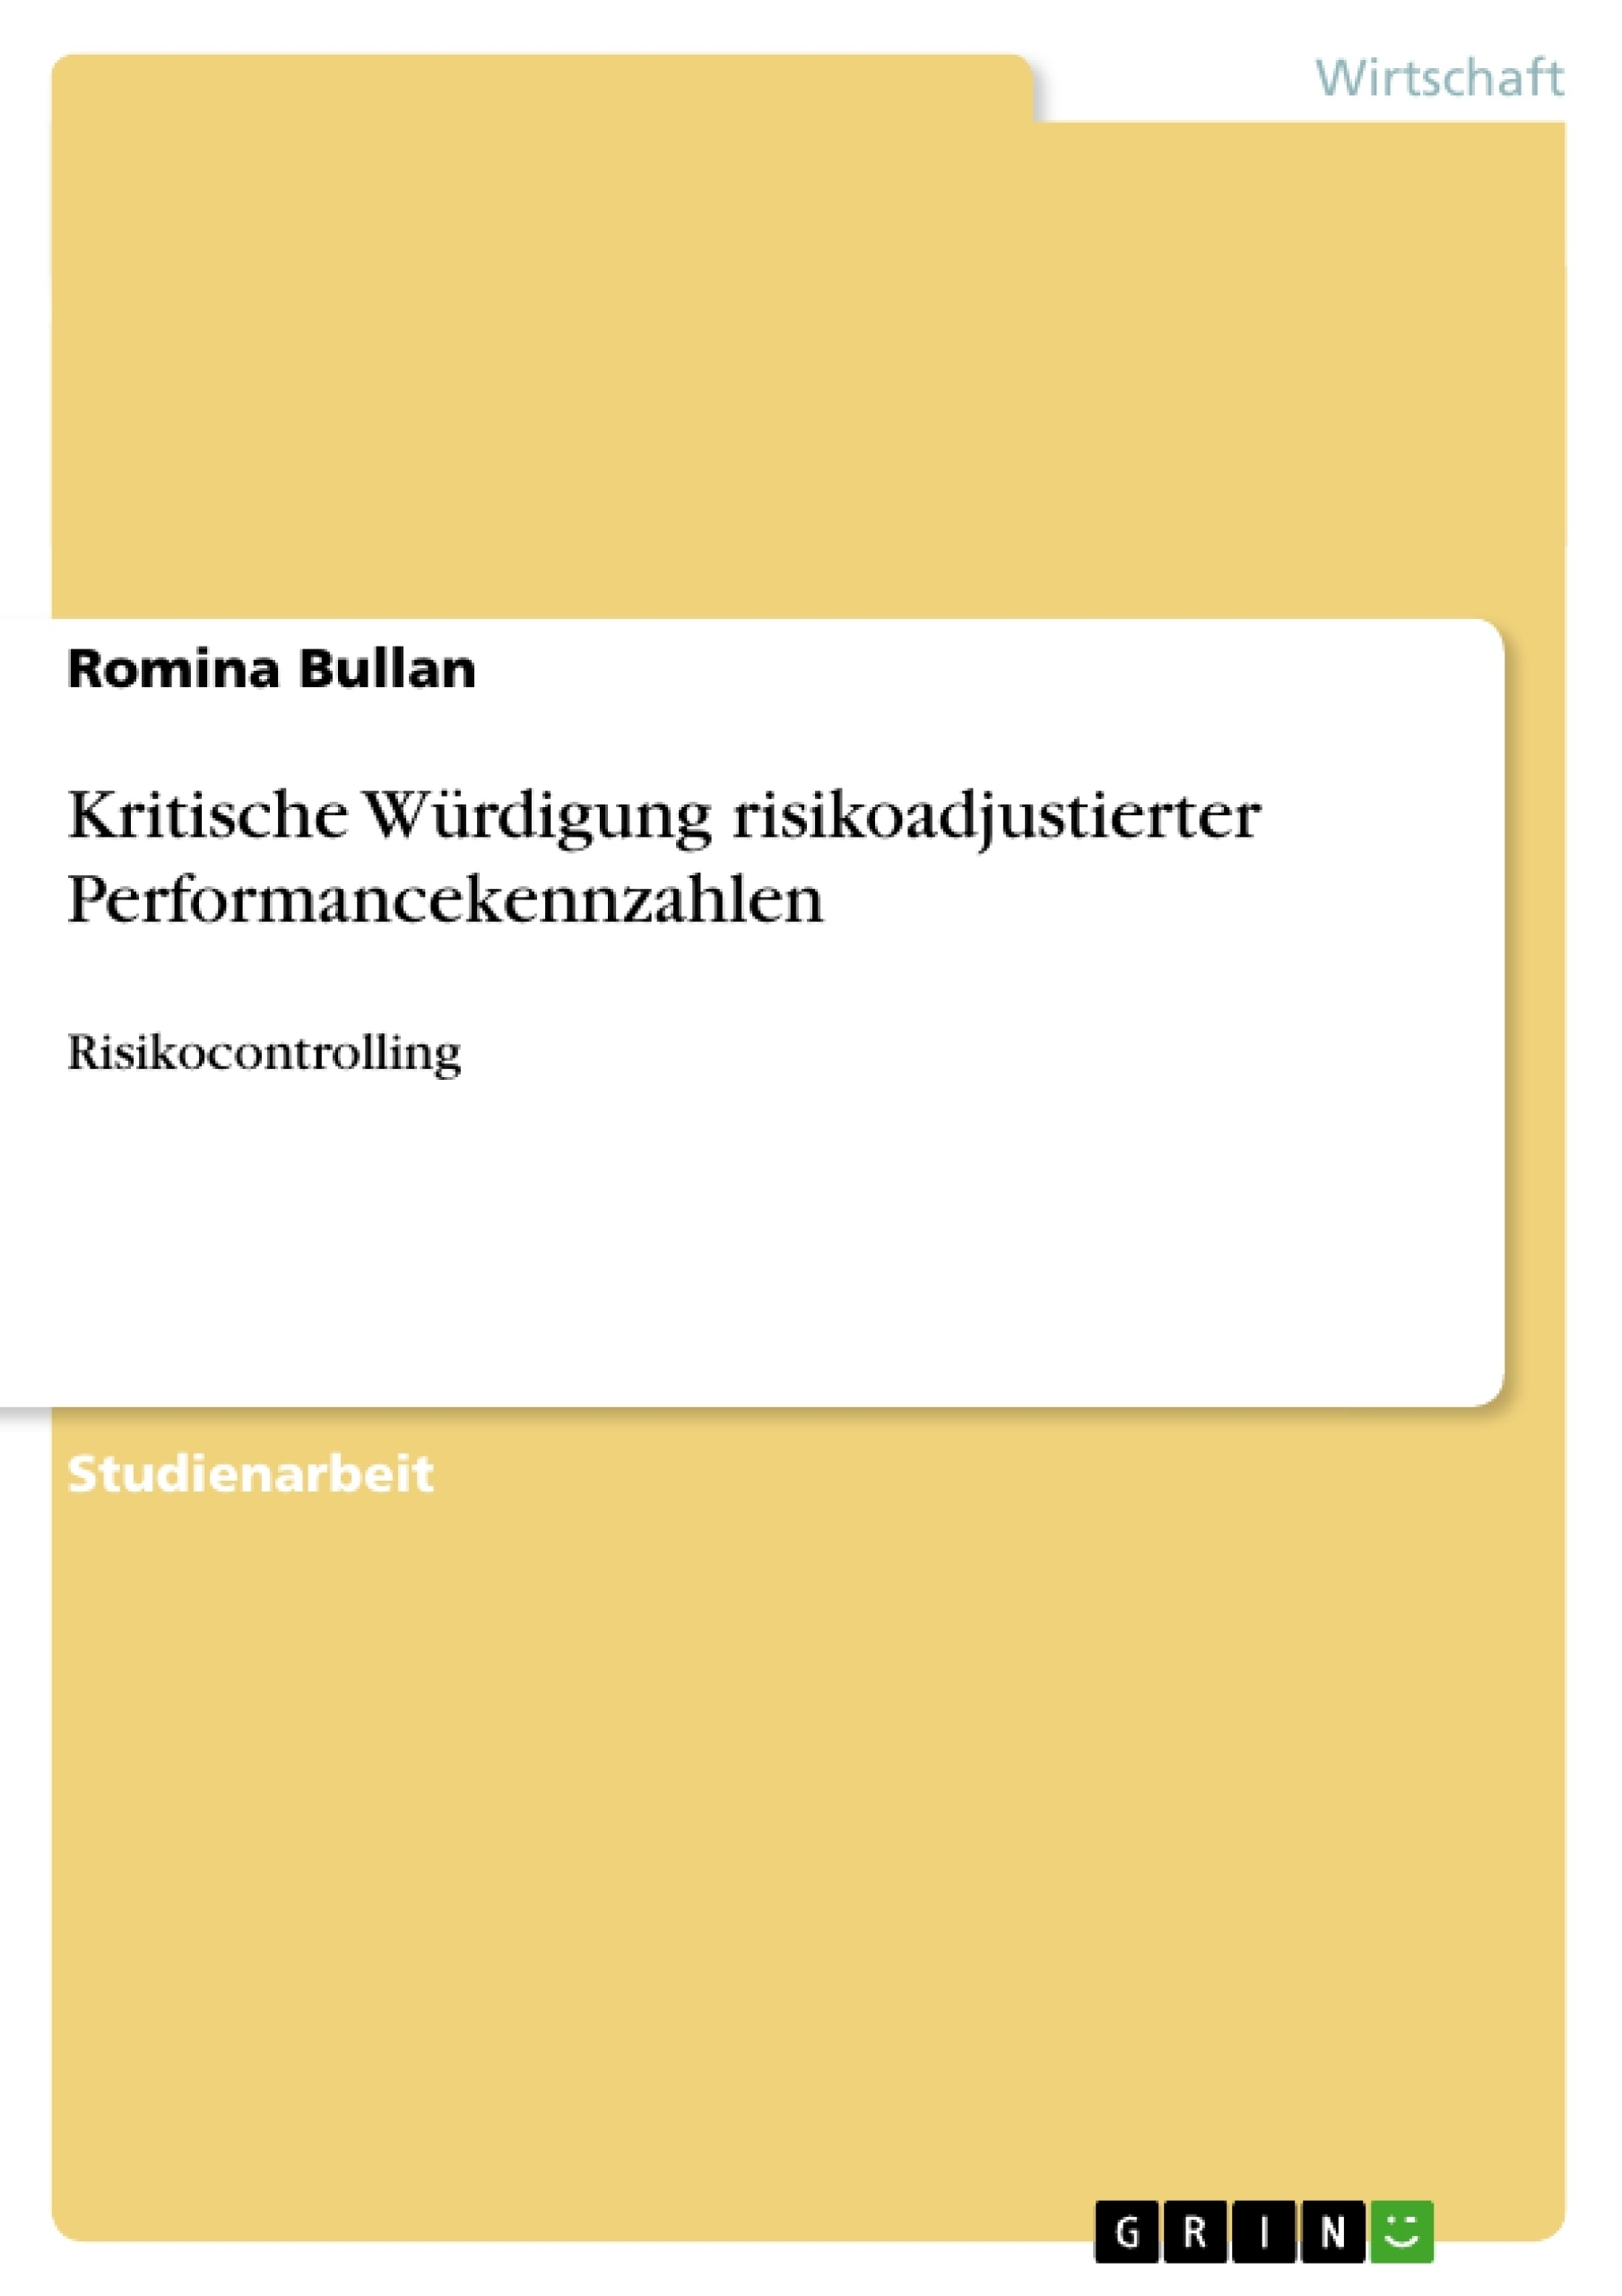 Titel: Kritische Würdigung risikoadjustierter Performancekennzahlen